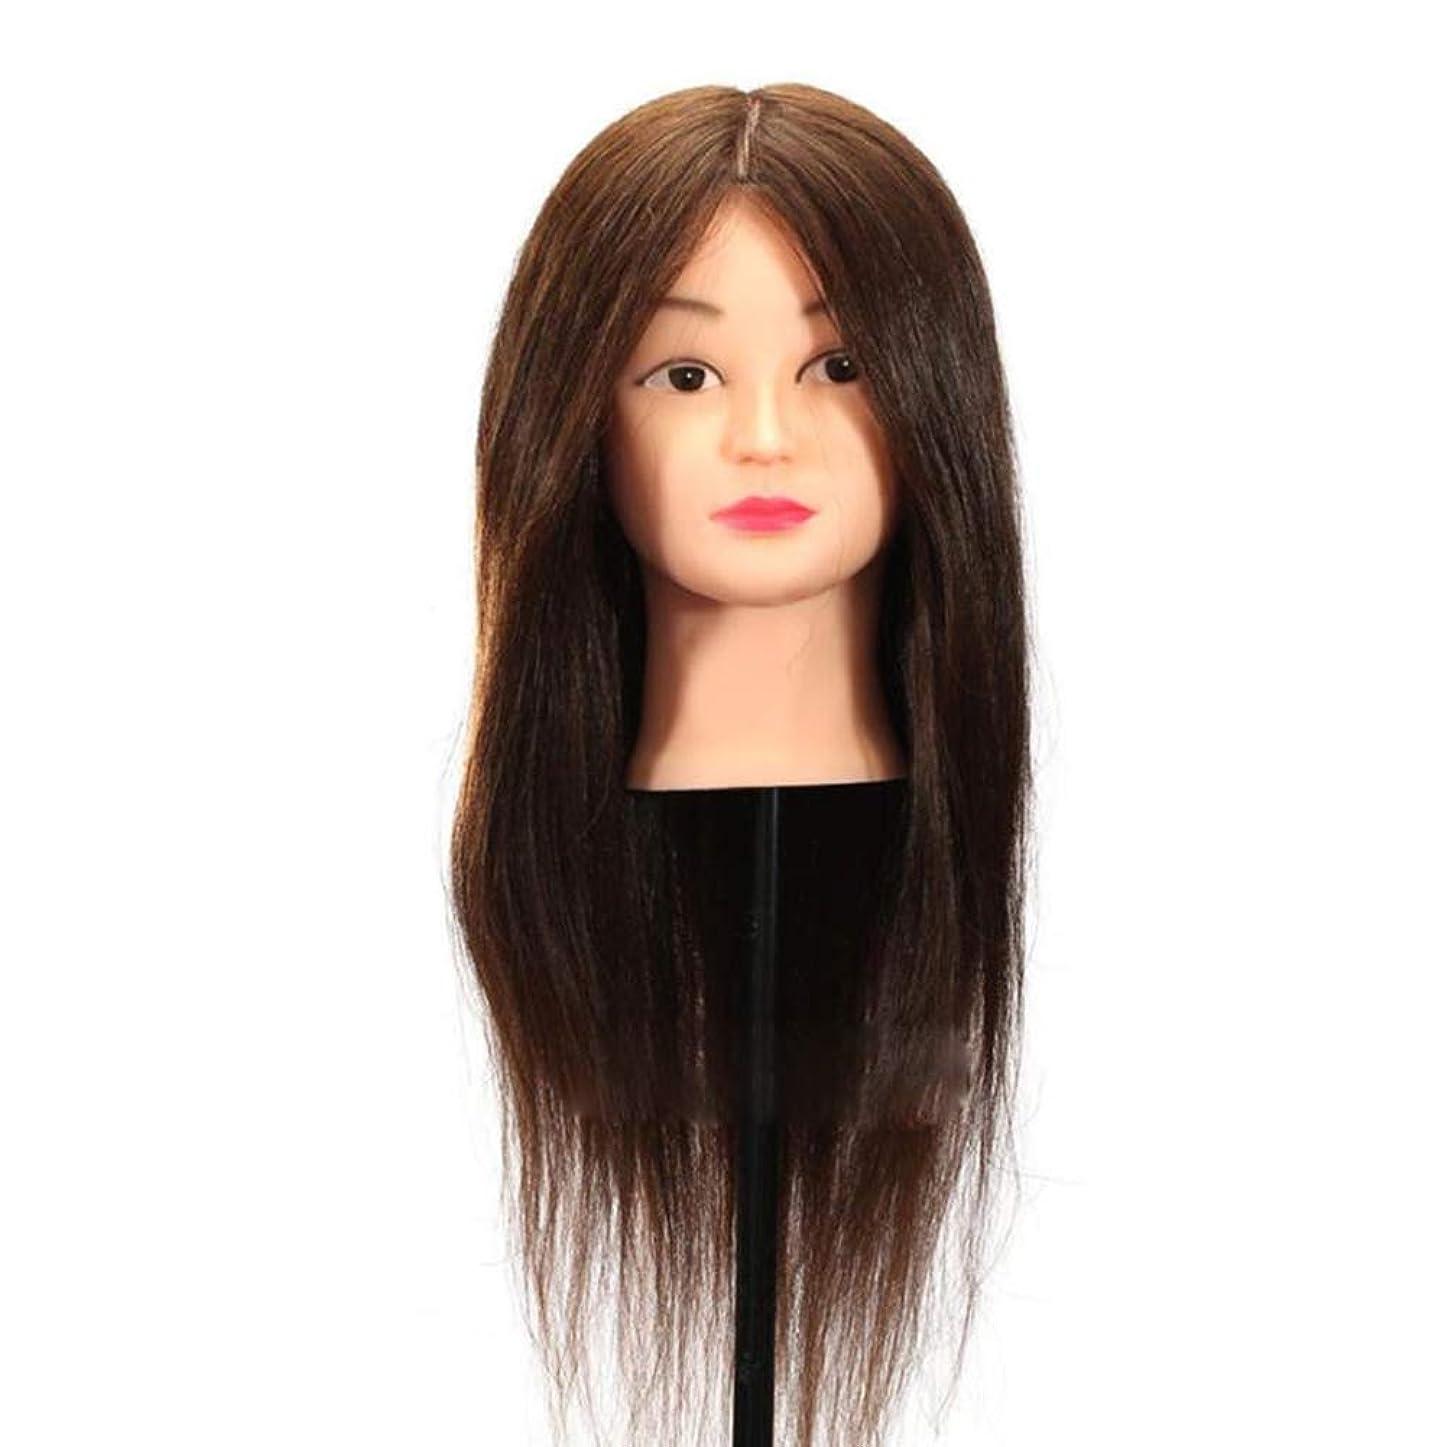 プレミア座るスクリーチヘアマネキンヘッド練習ディスク髪編組ヘッドモデル理髪店学校教育かつらヘッドバンドブラケット